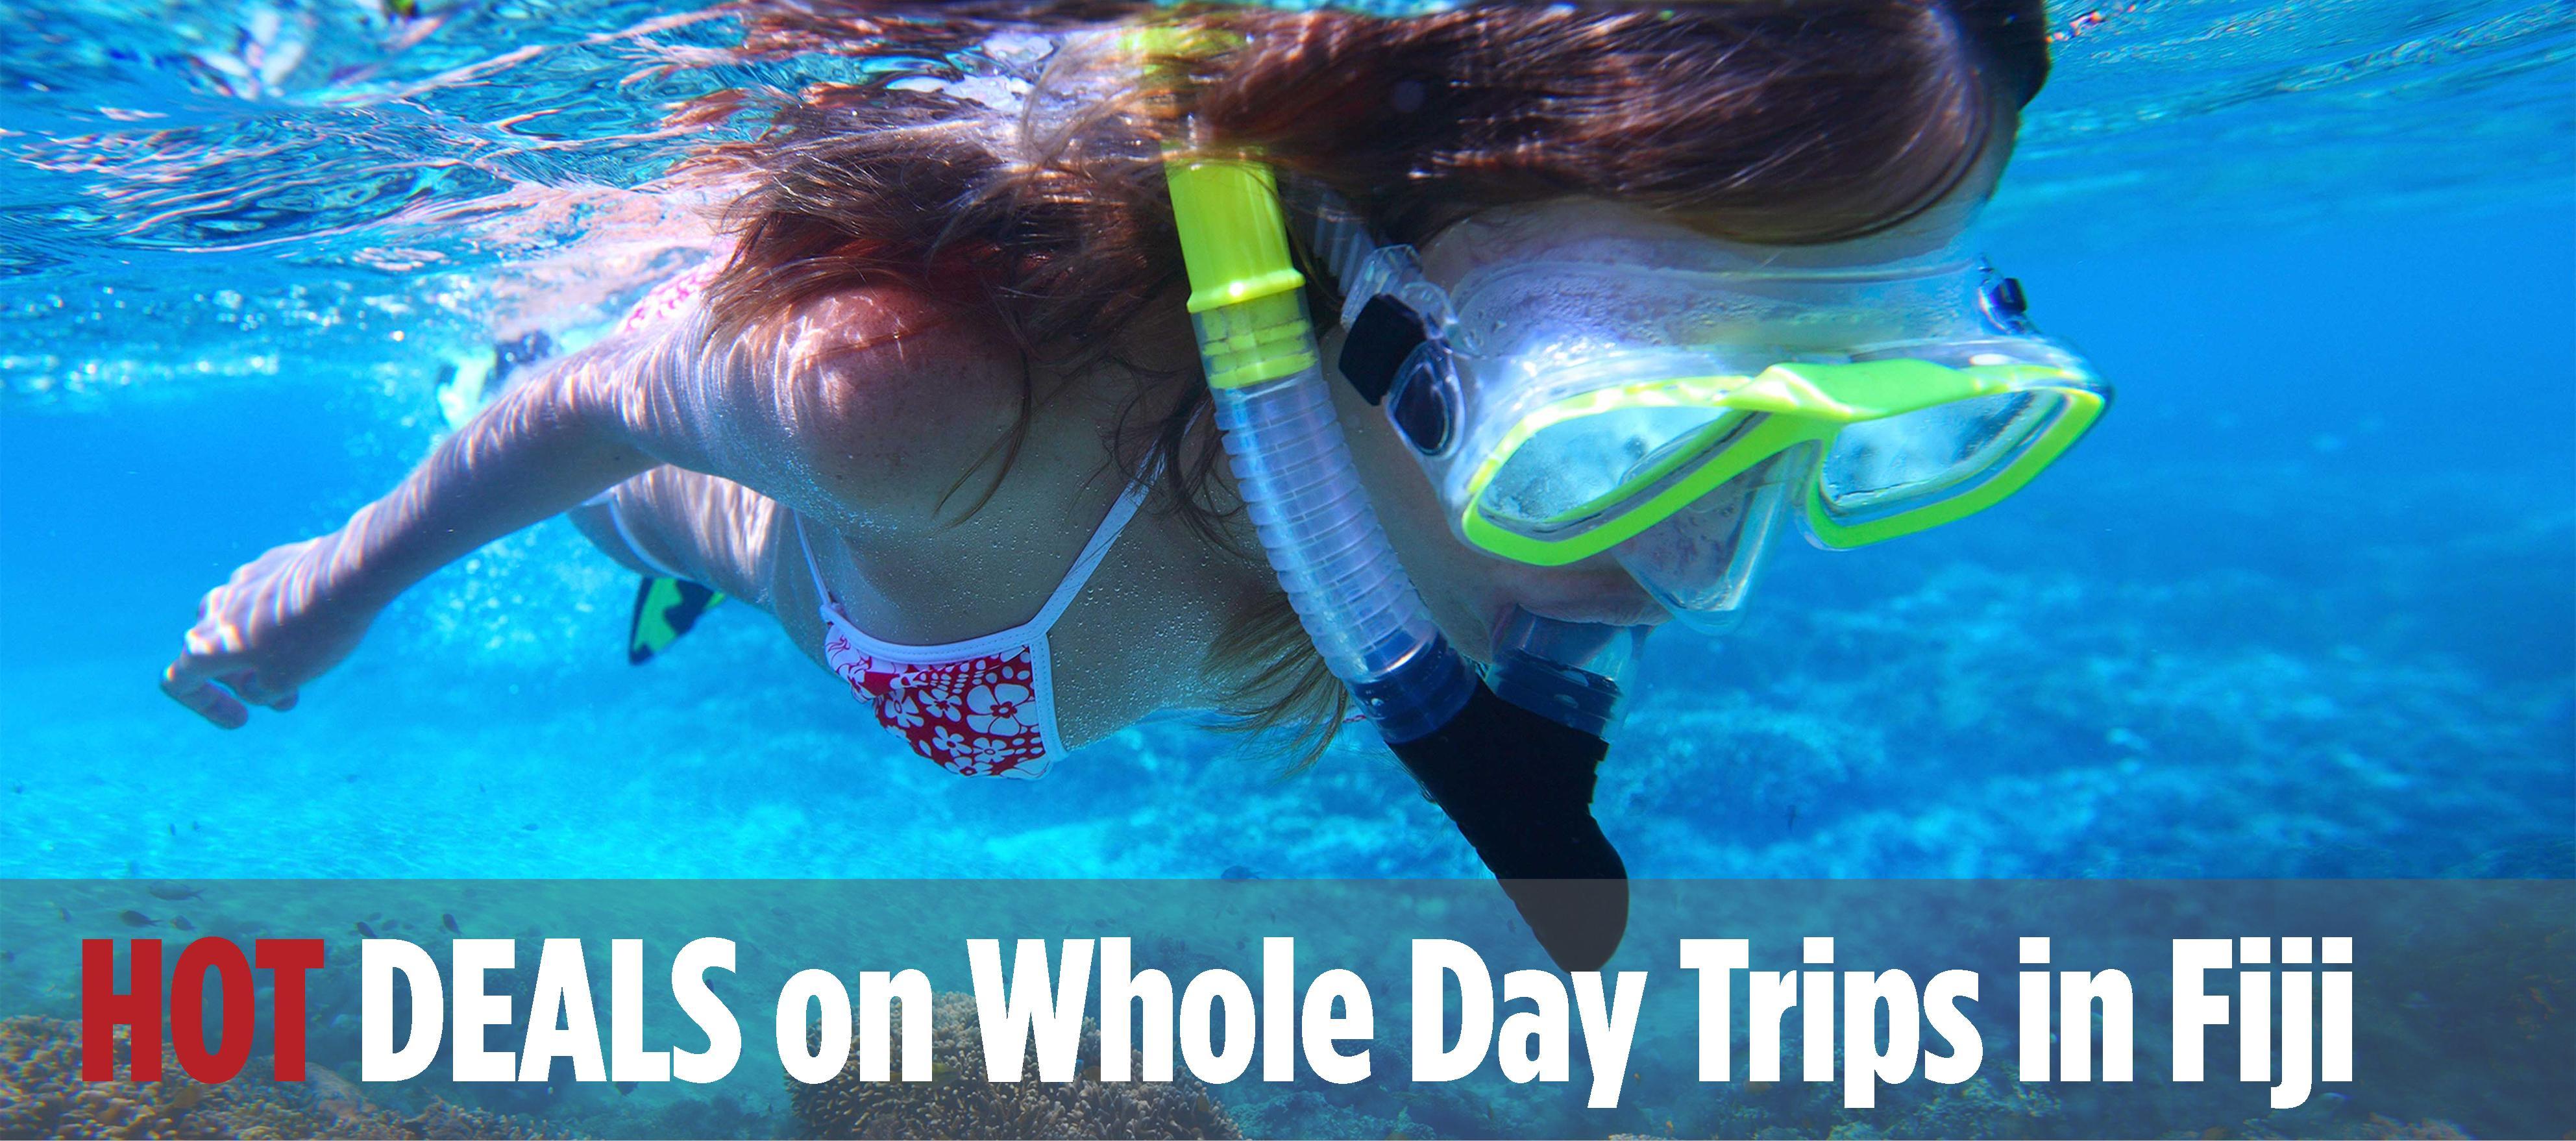 Full Day Trip in Fiji